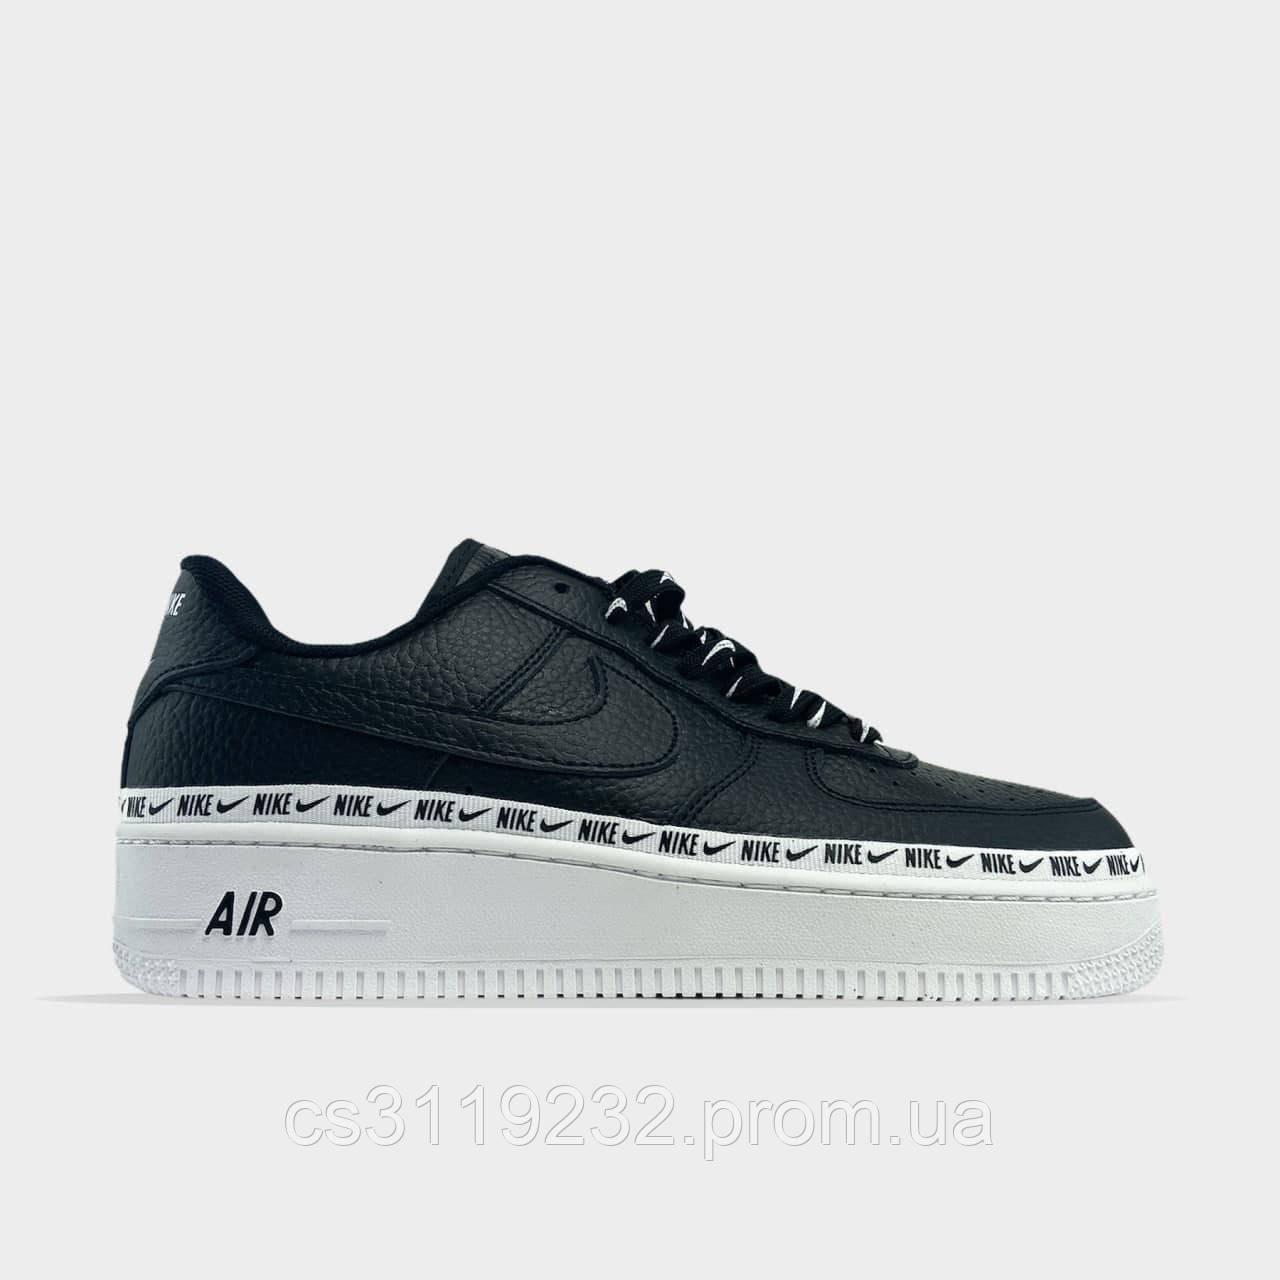 Мужские кроссовки Nike 1 '07 SE Premium Black/White  (черные)